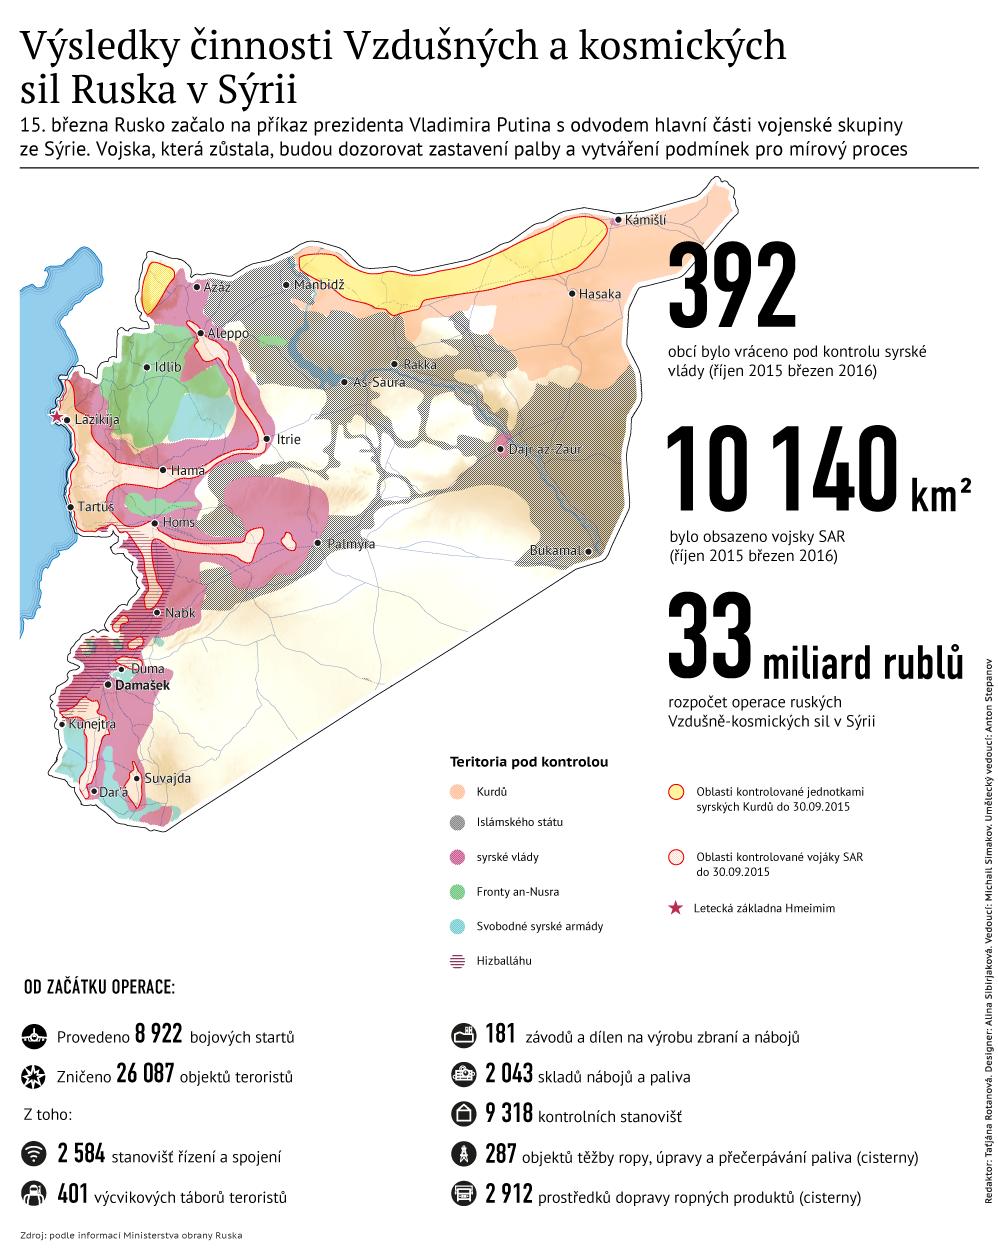 Výsledky činnosti Vzdušných a kosmických sil Ruska v Sýrii